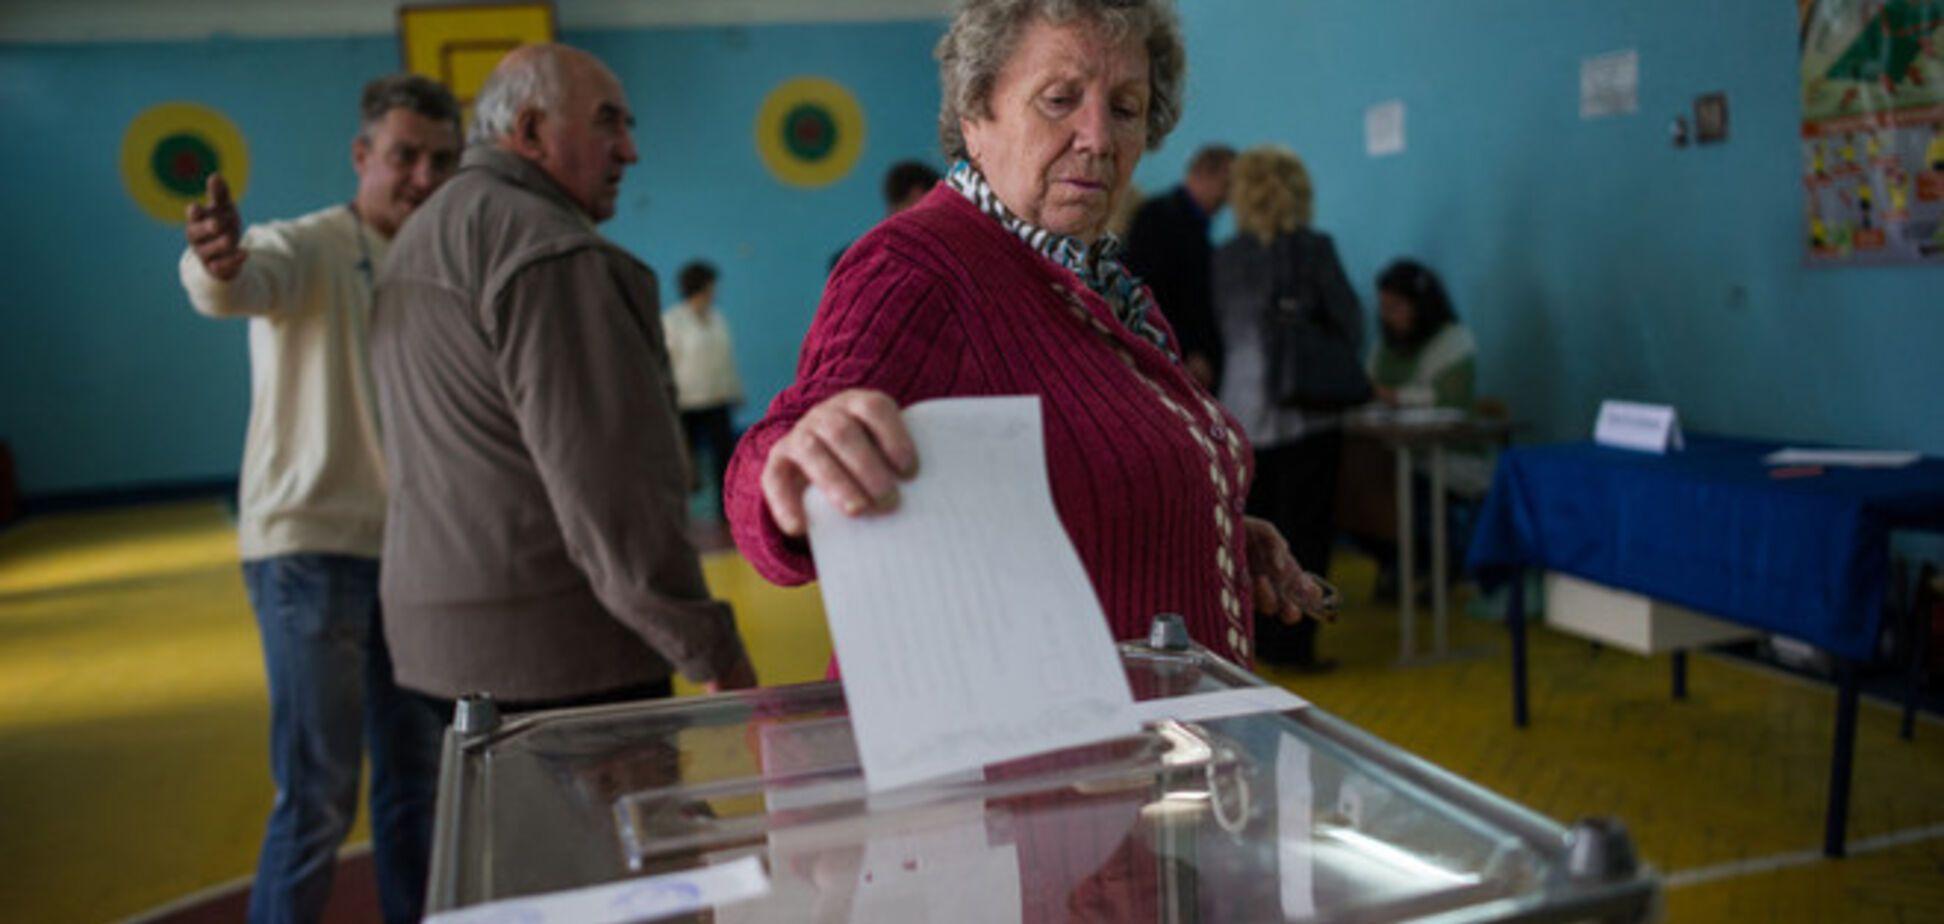 Пособники террористов обещают огласить результаты псевдореферендума уже в 2:00-3:00 12 мая